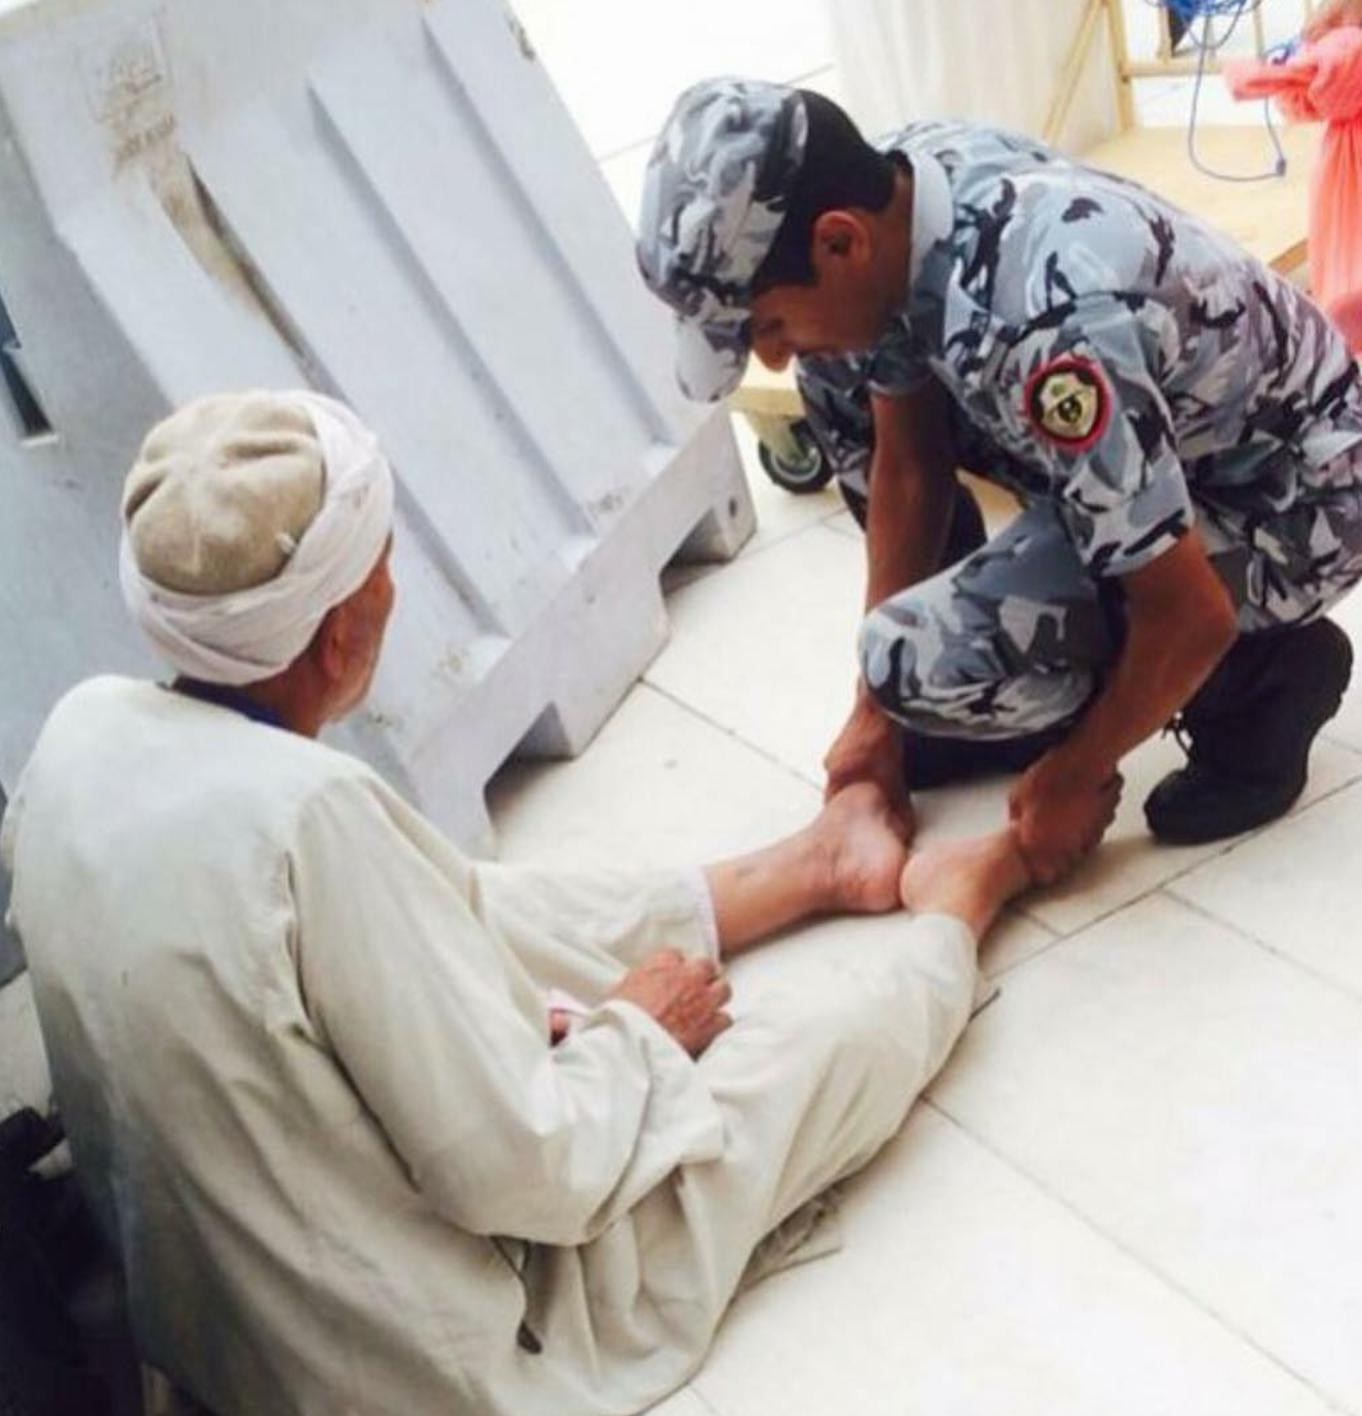 صورة لقطة رائع  بالحرم المكي ﻷحد رجال الأمن